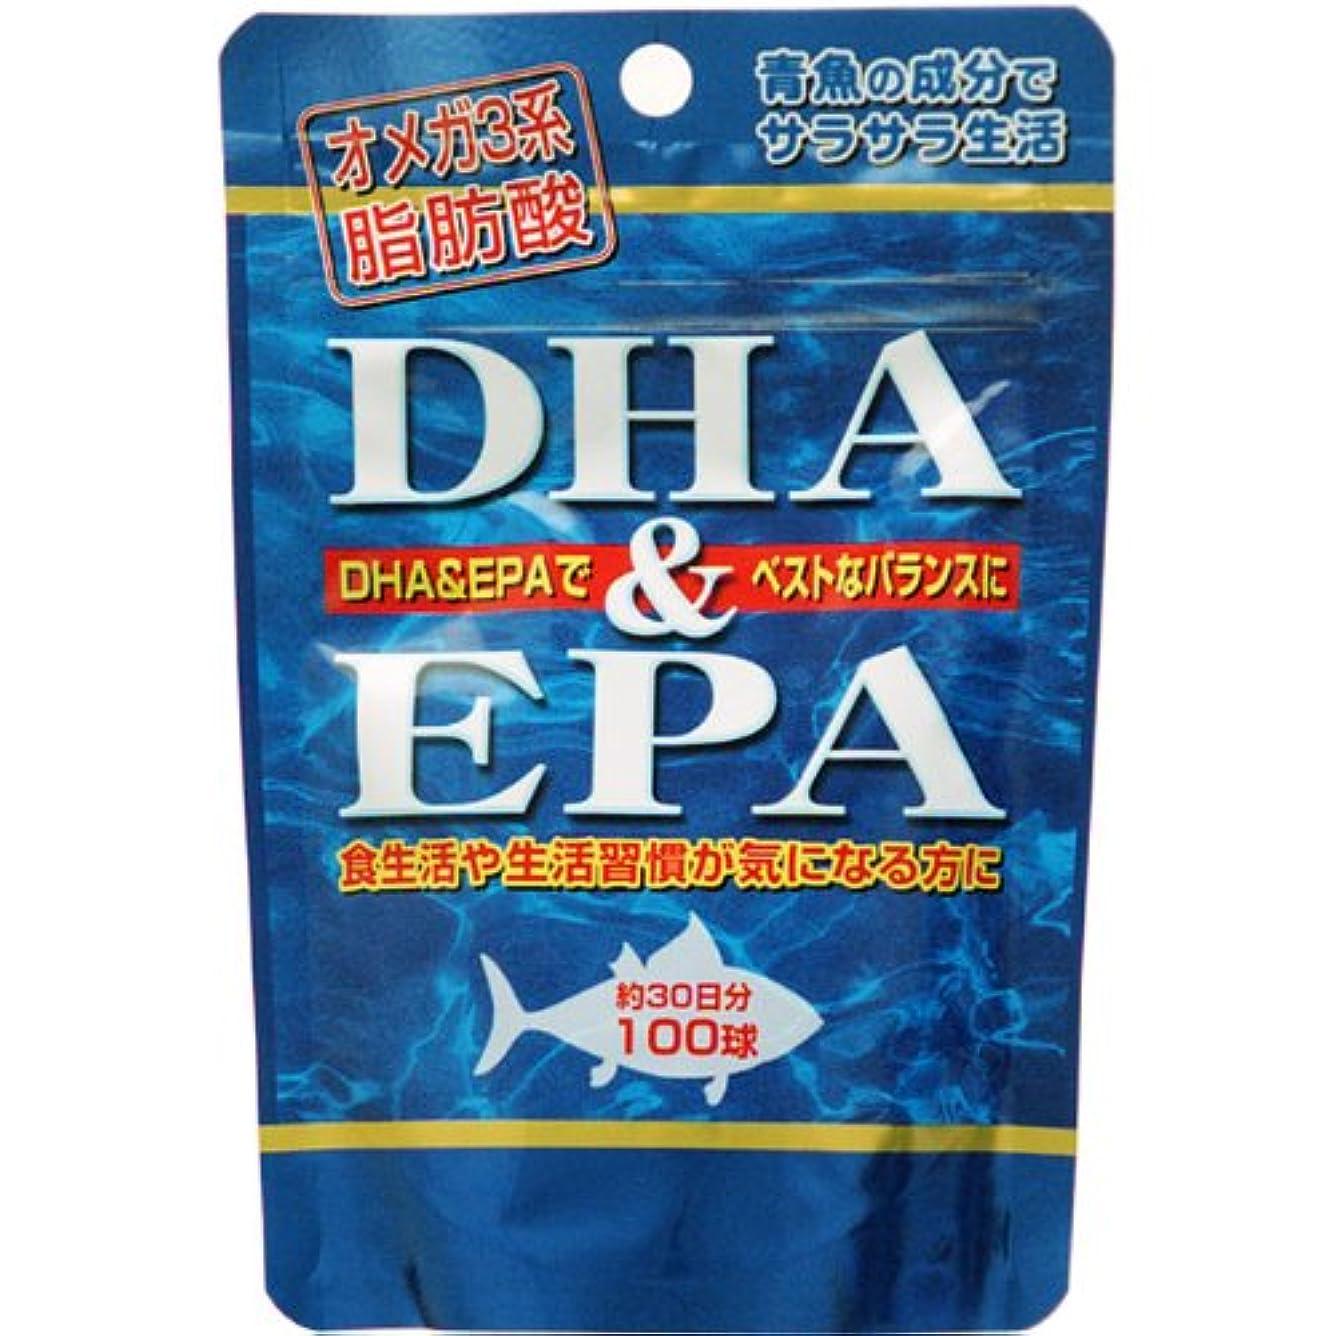 物語感情の孤独DHA(ドコサヘキサエン酸)&EPA(エイコサペンタエン酸)